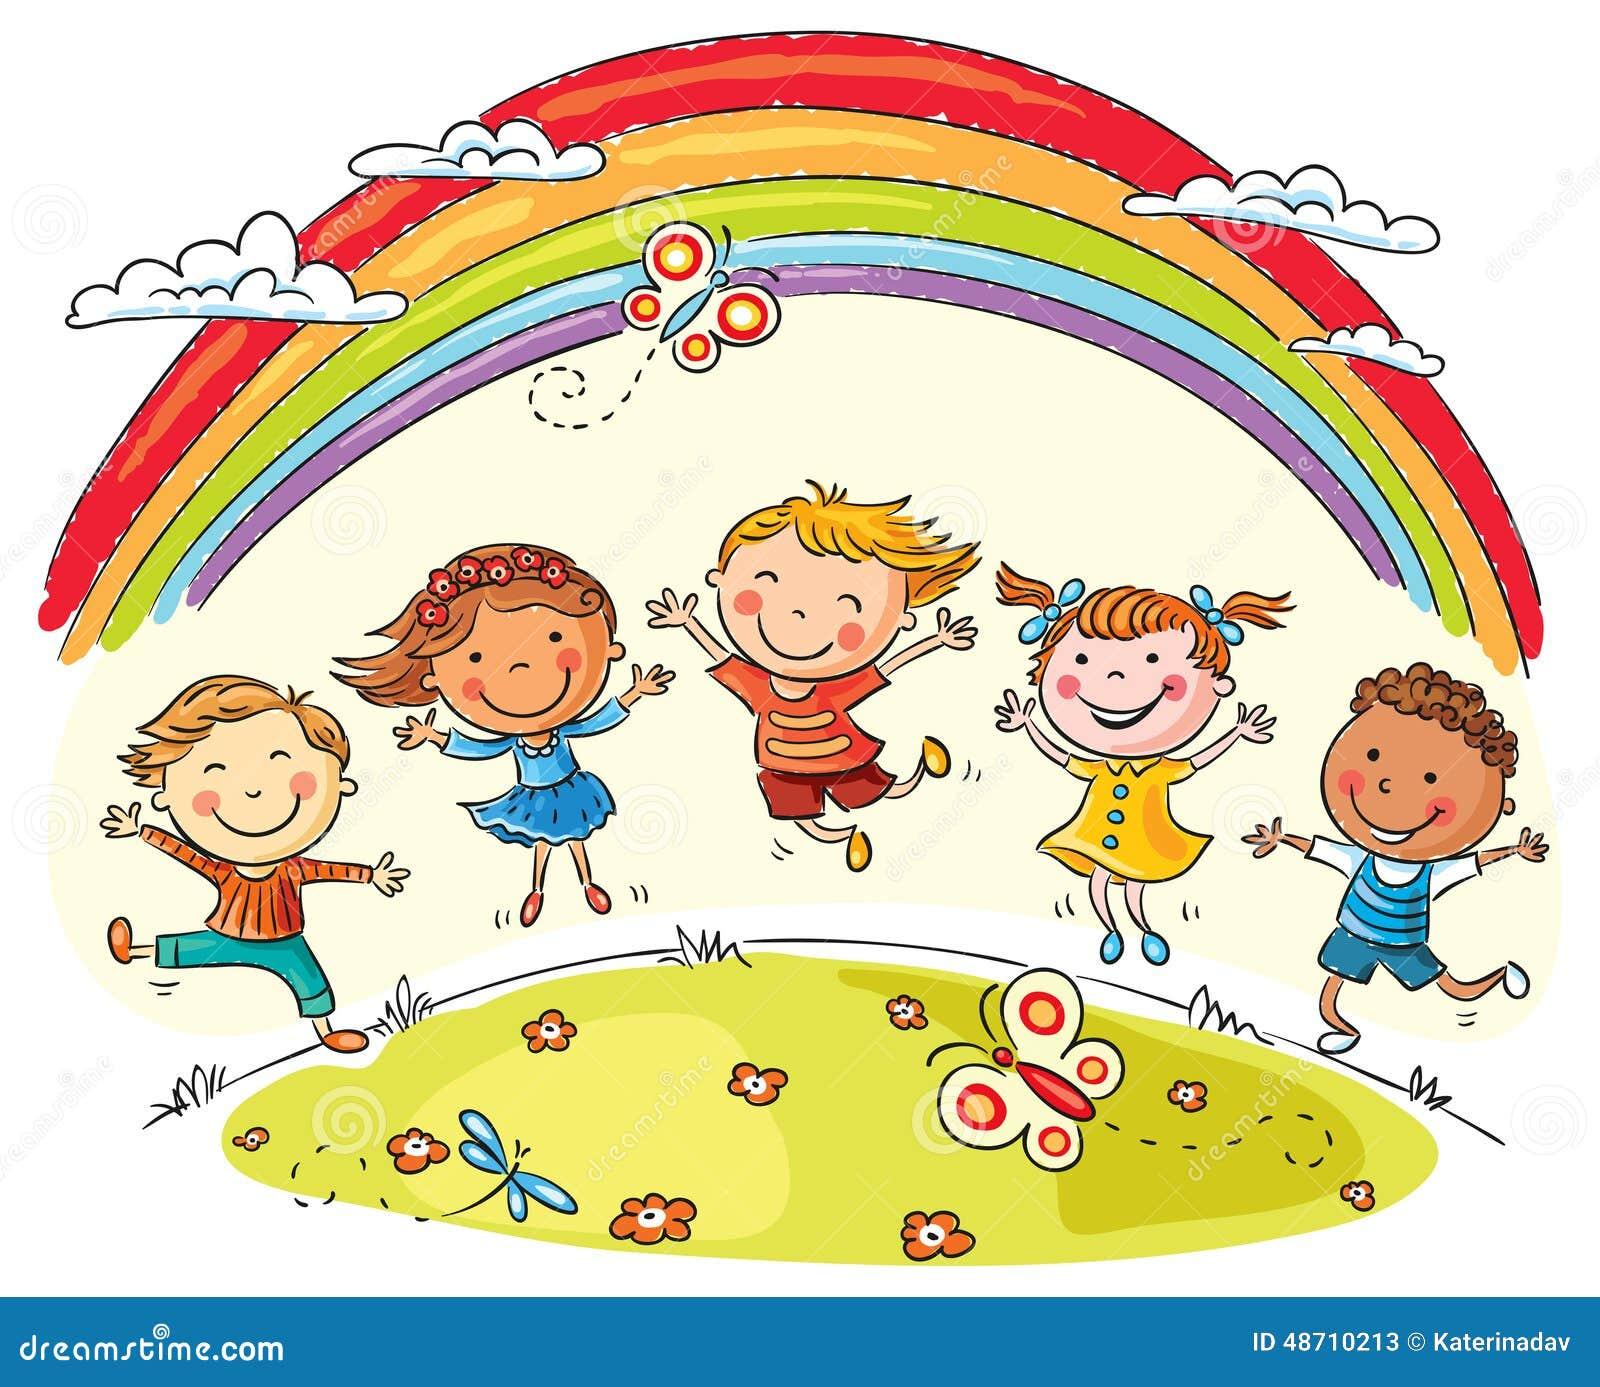 Los niños que saltan con alegría debajo del arco iris